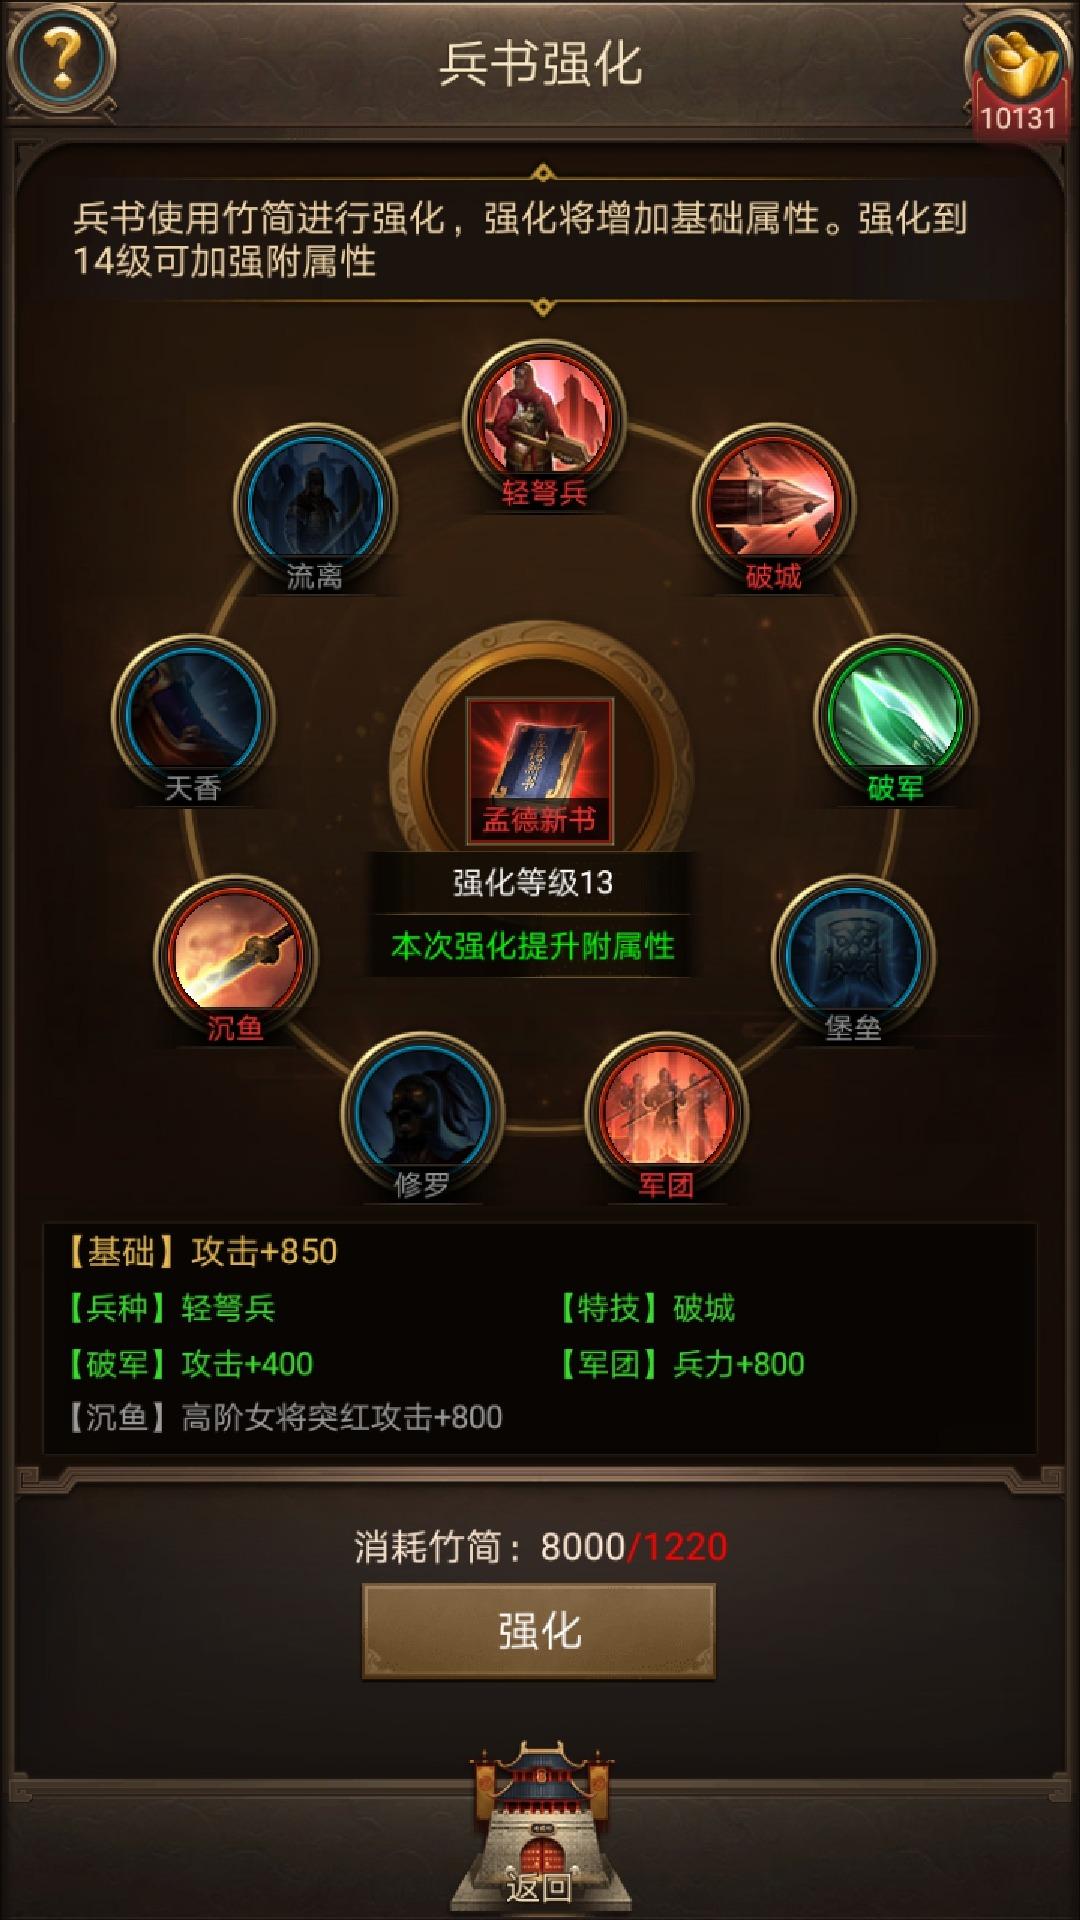 Screenshot_20190909_213841_juedi.tatuyin.rxsg.huawei.jpg